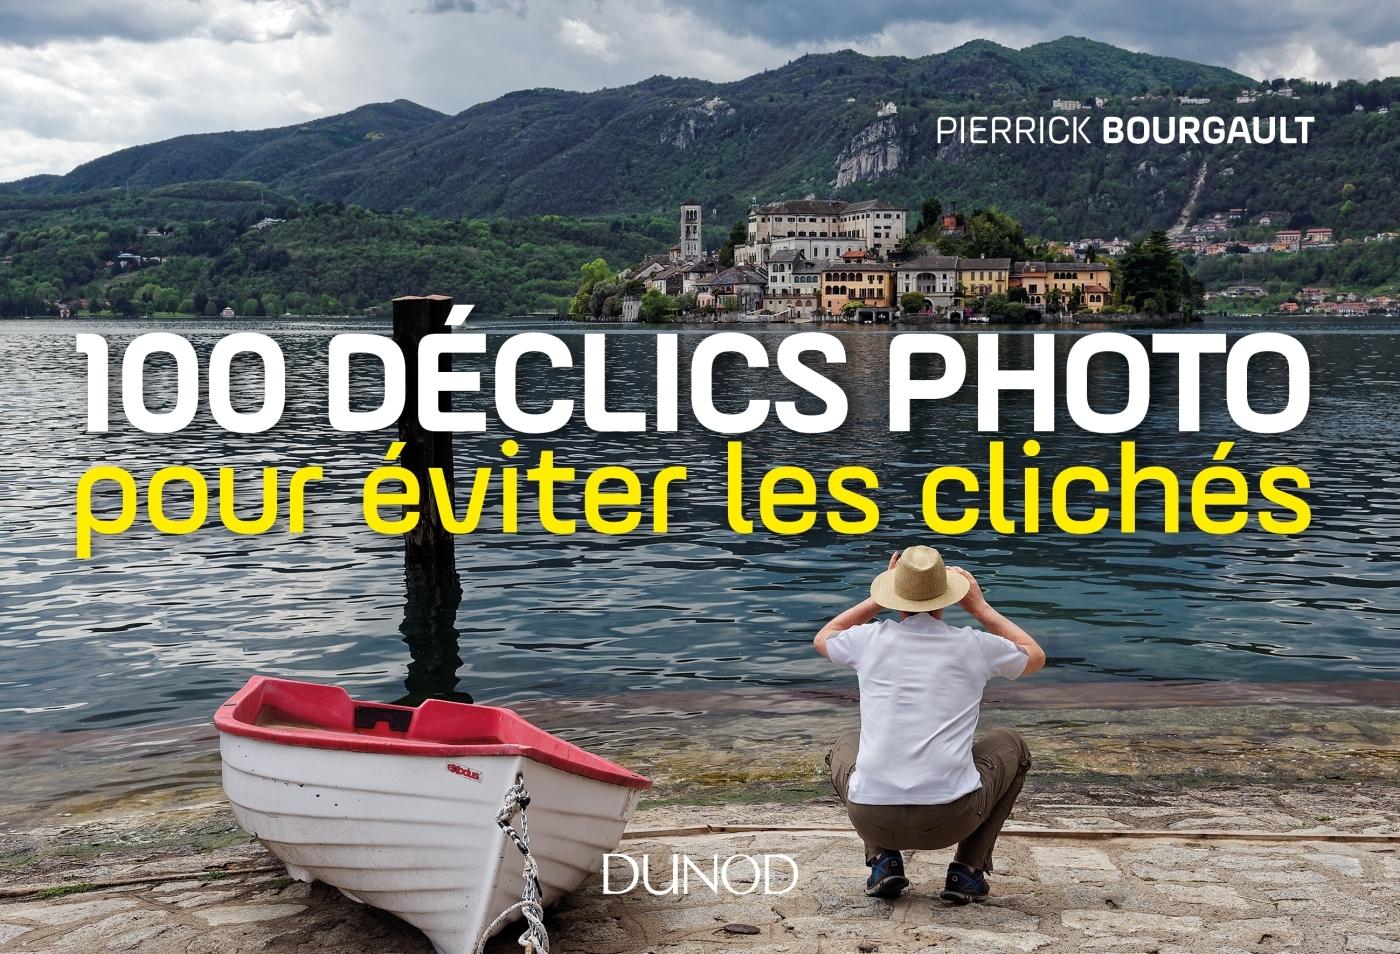 100 DECLICS PHOTO POUR EVITER LES CLICHES